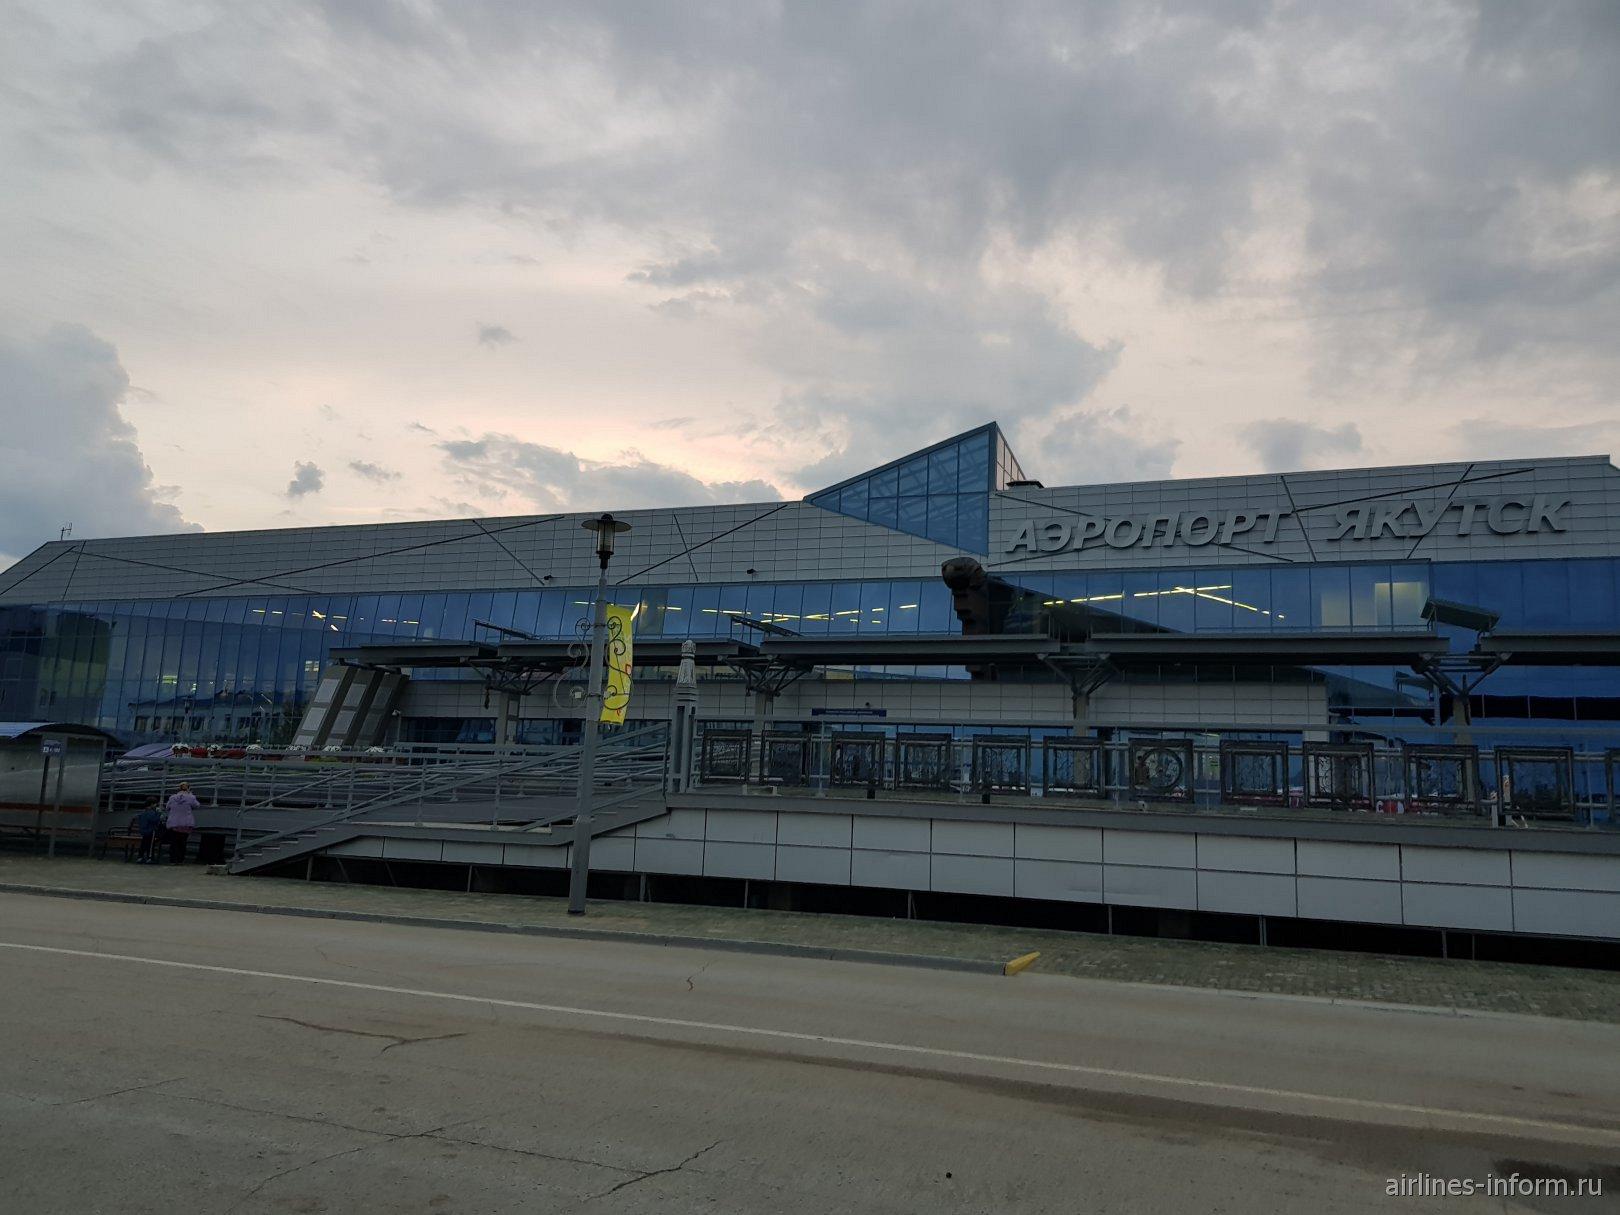 Пассажирский терминал внутренних рейсов аэропорта Якутск